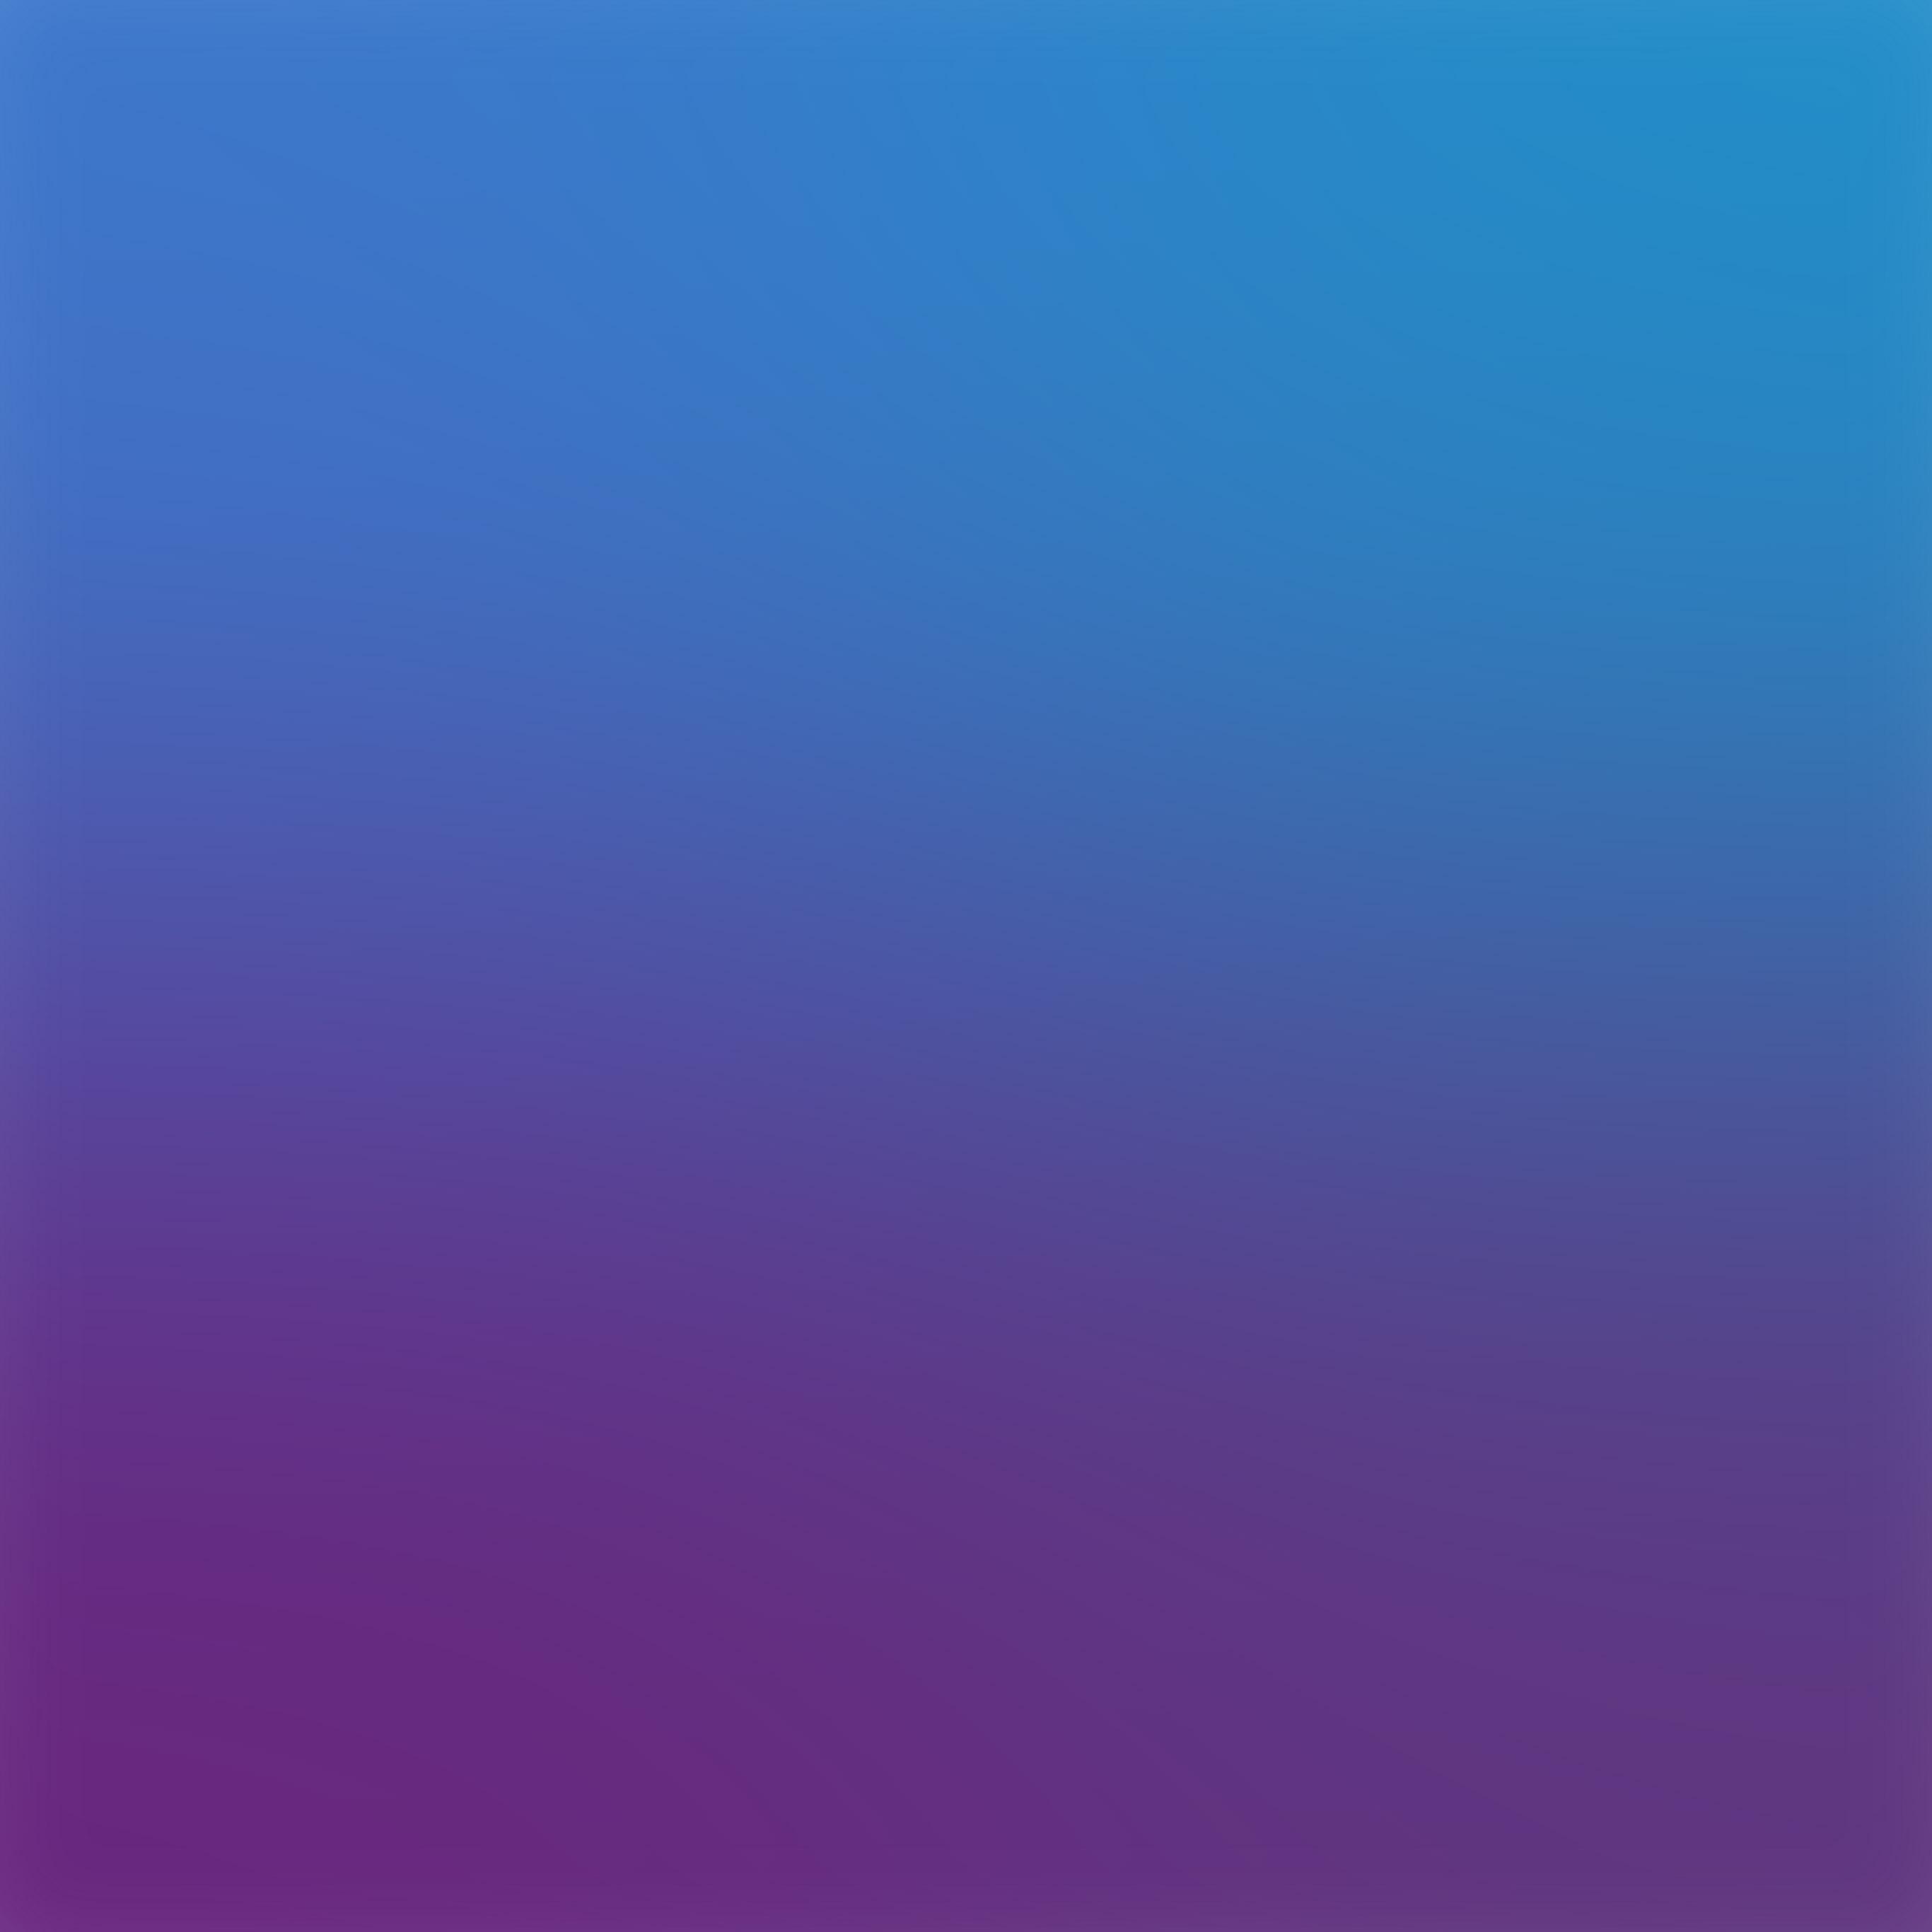 Sj99 Blue Purple Gradation Blur Wallpaper